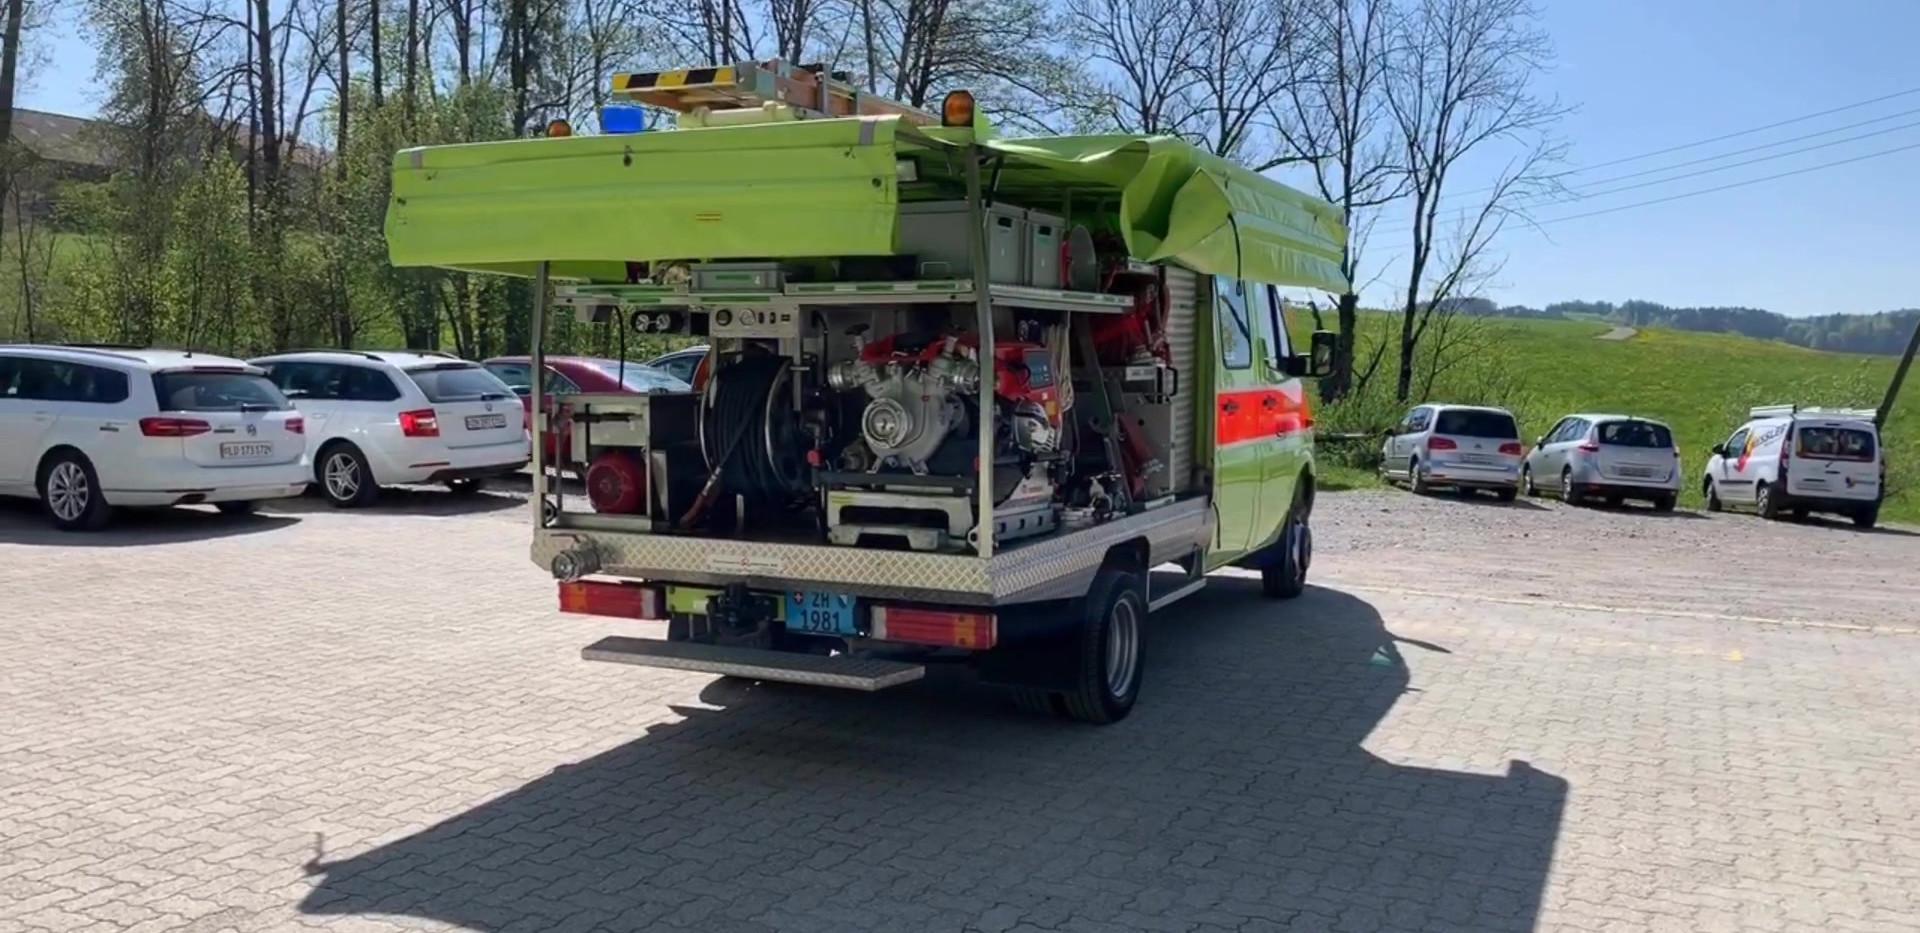 Ersteinsatzfahrzeug Wildberg (EEF) 360